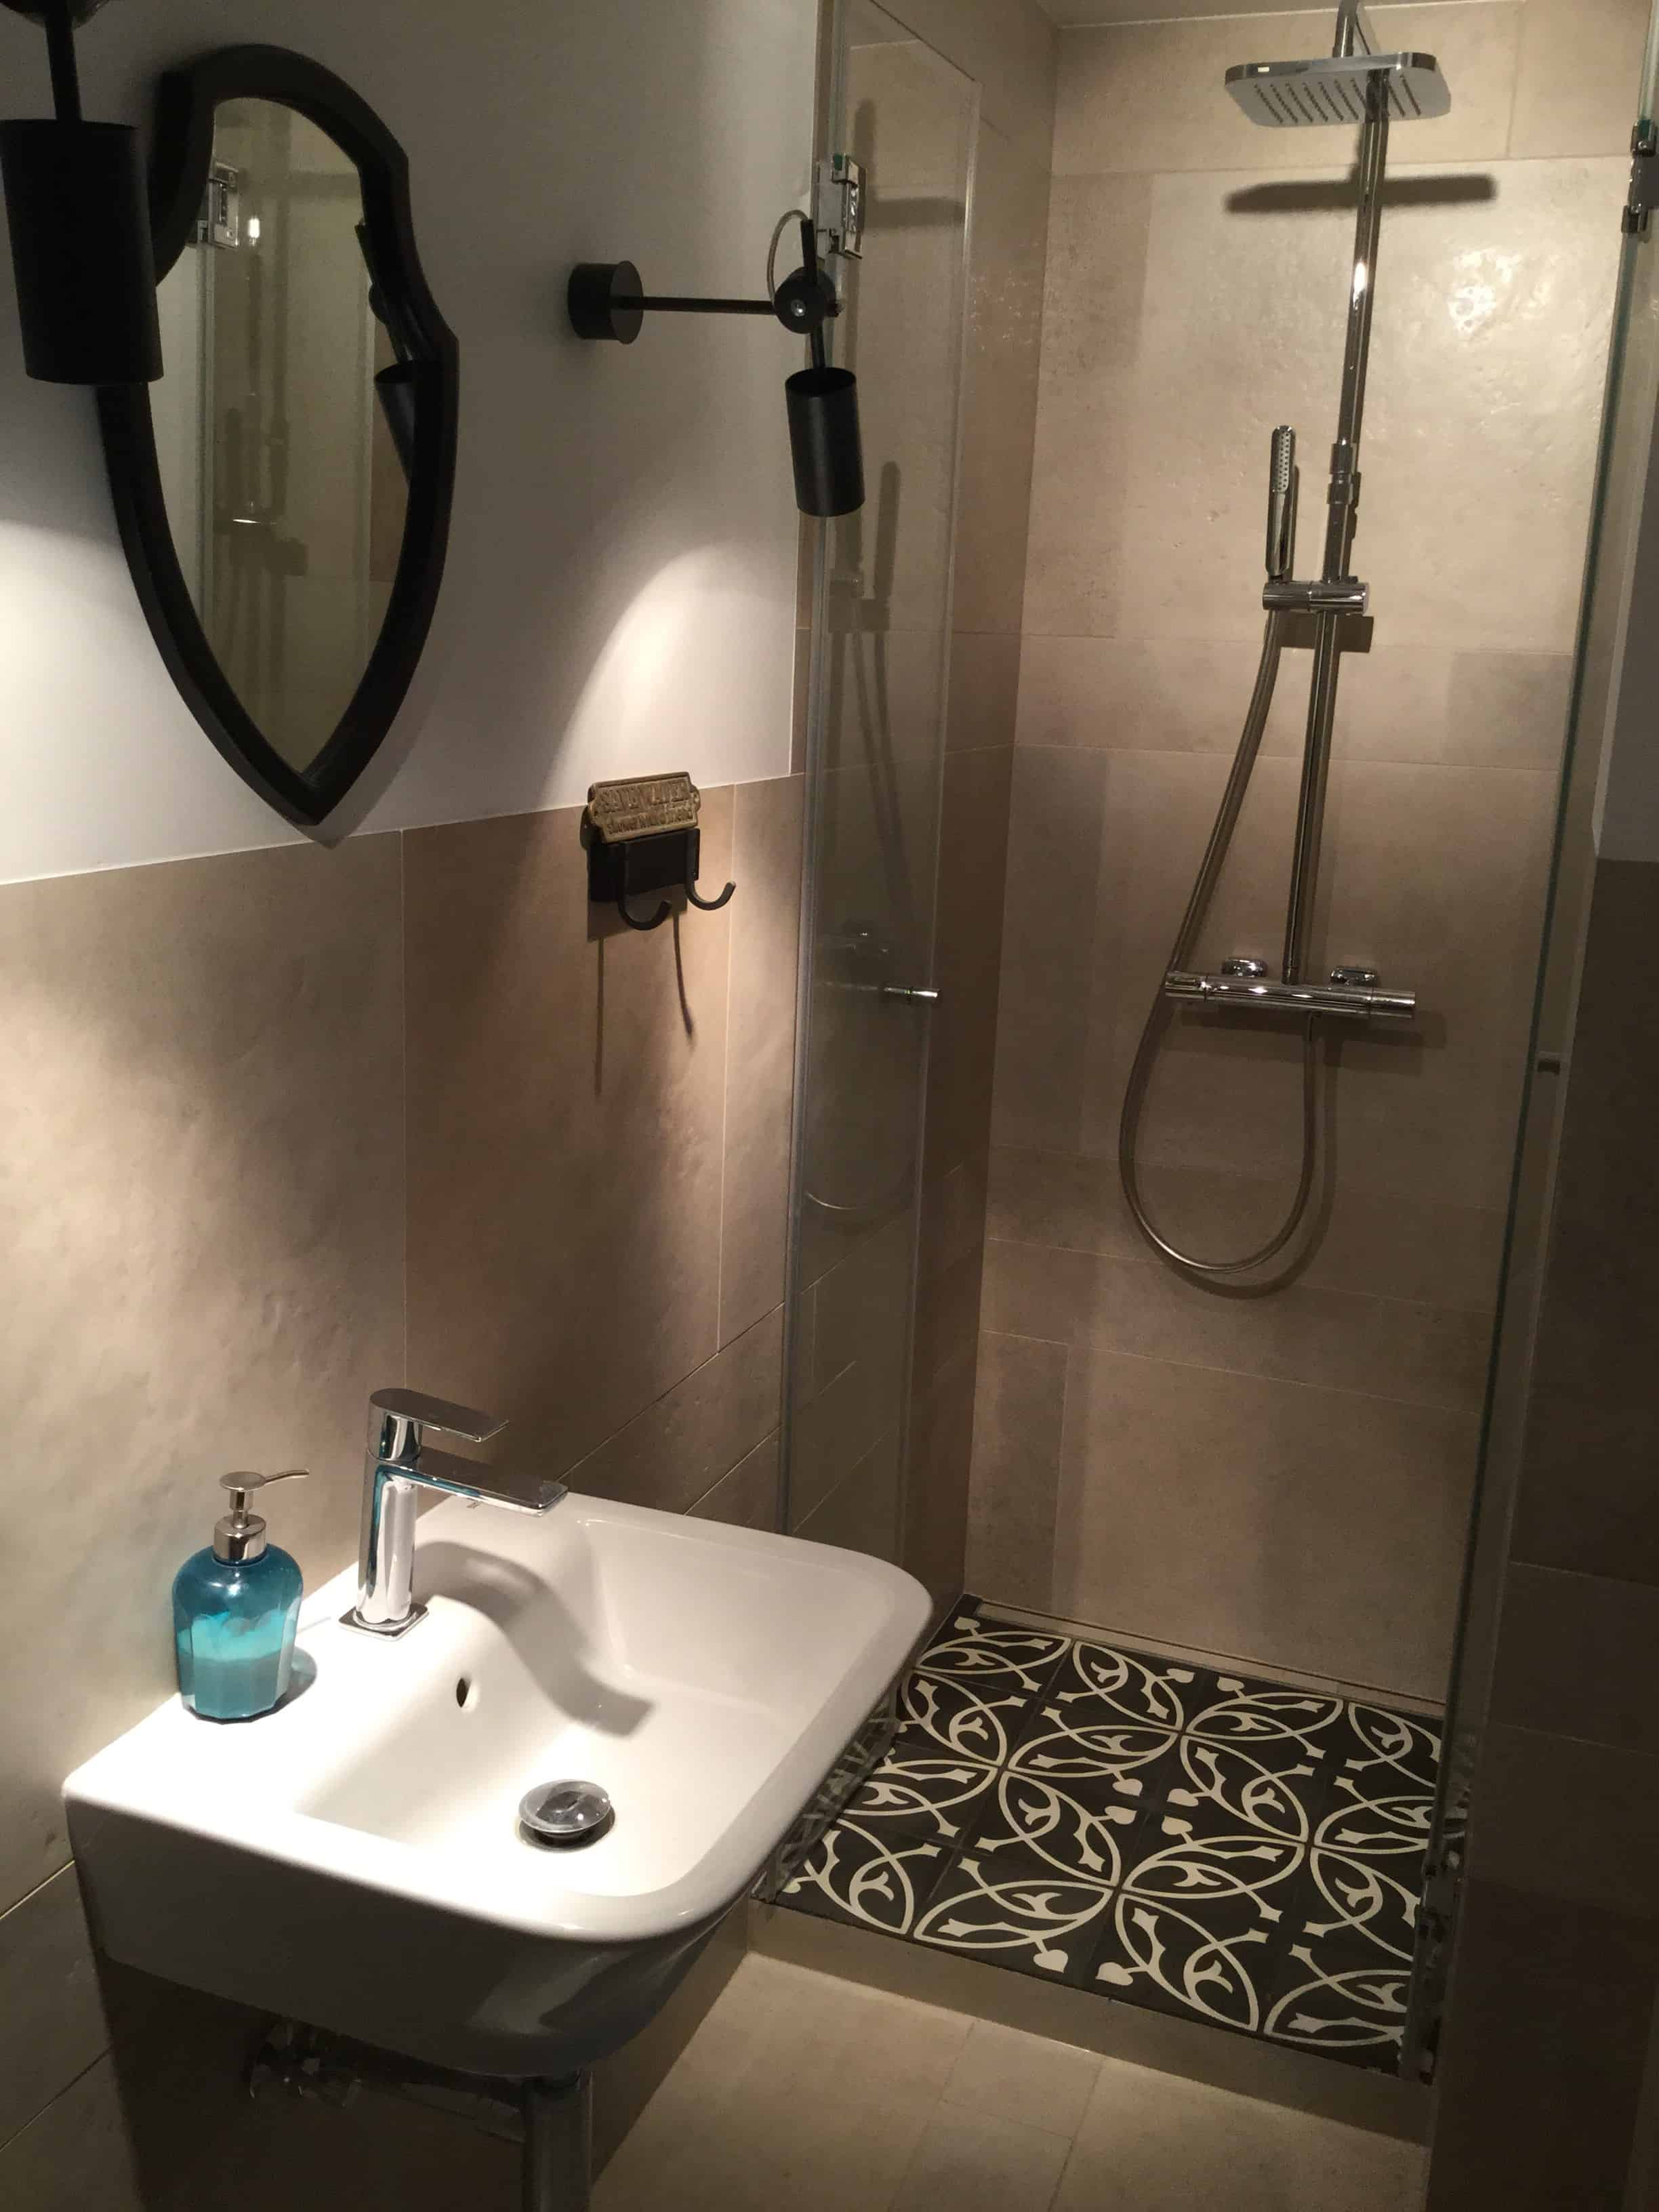 BART - płytki cementowe w toalecie